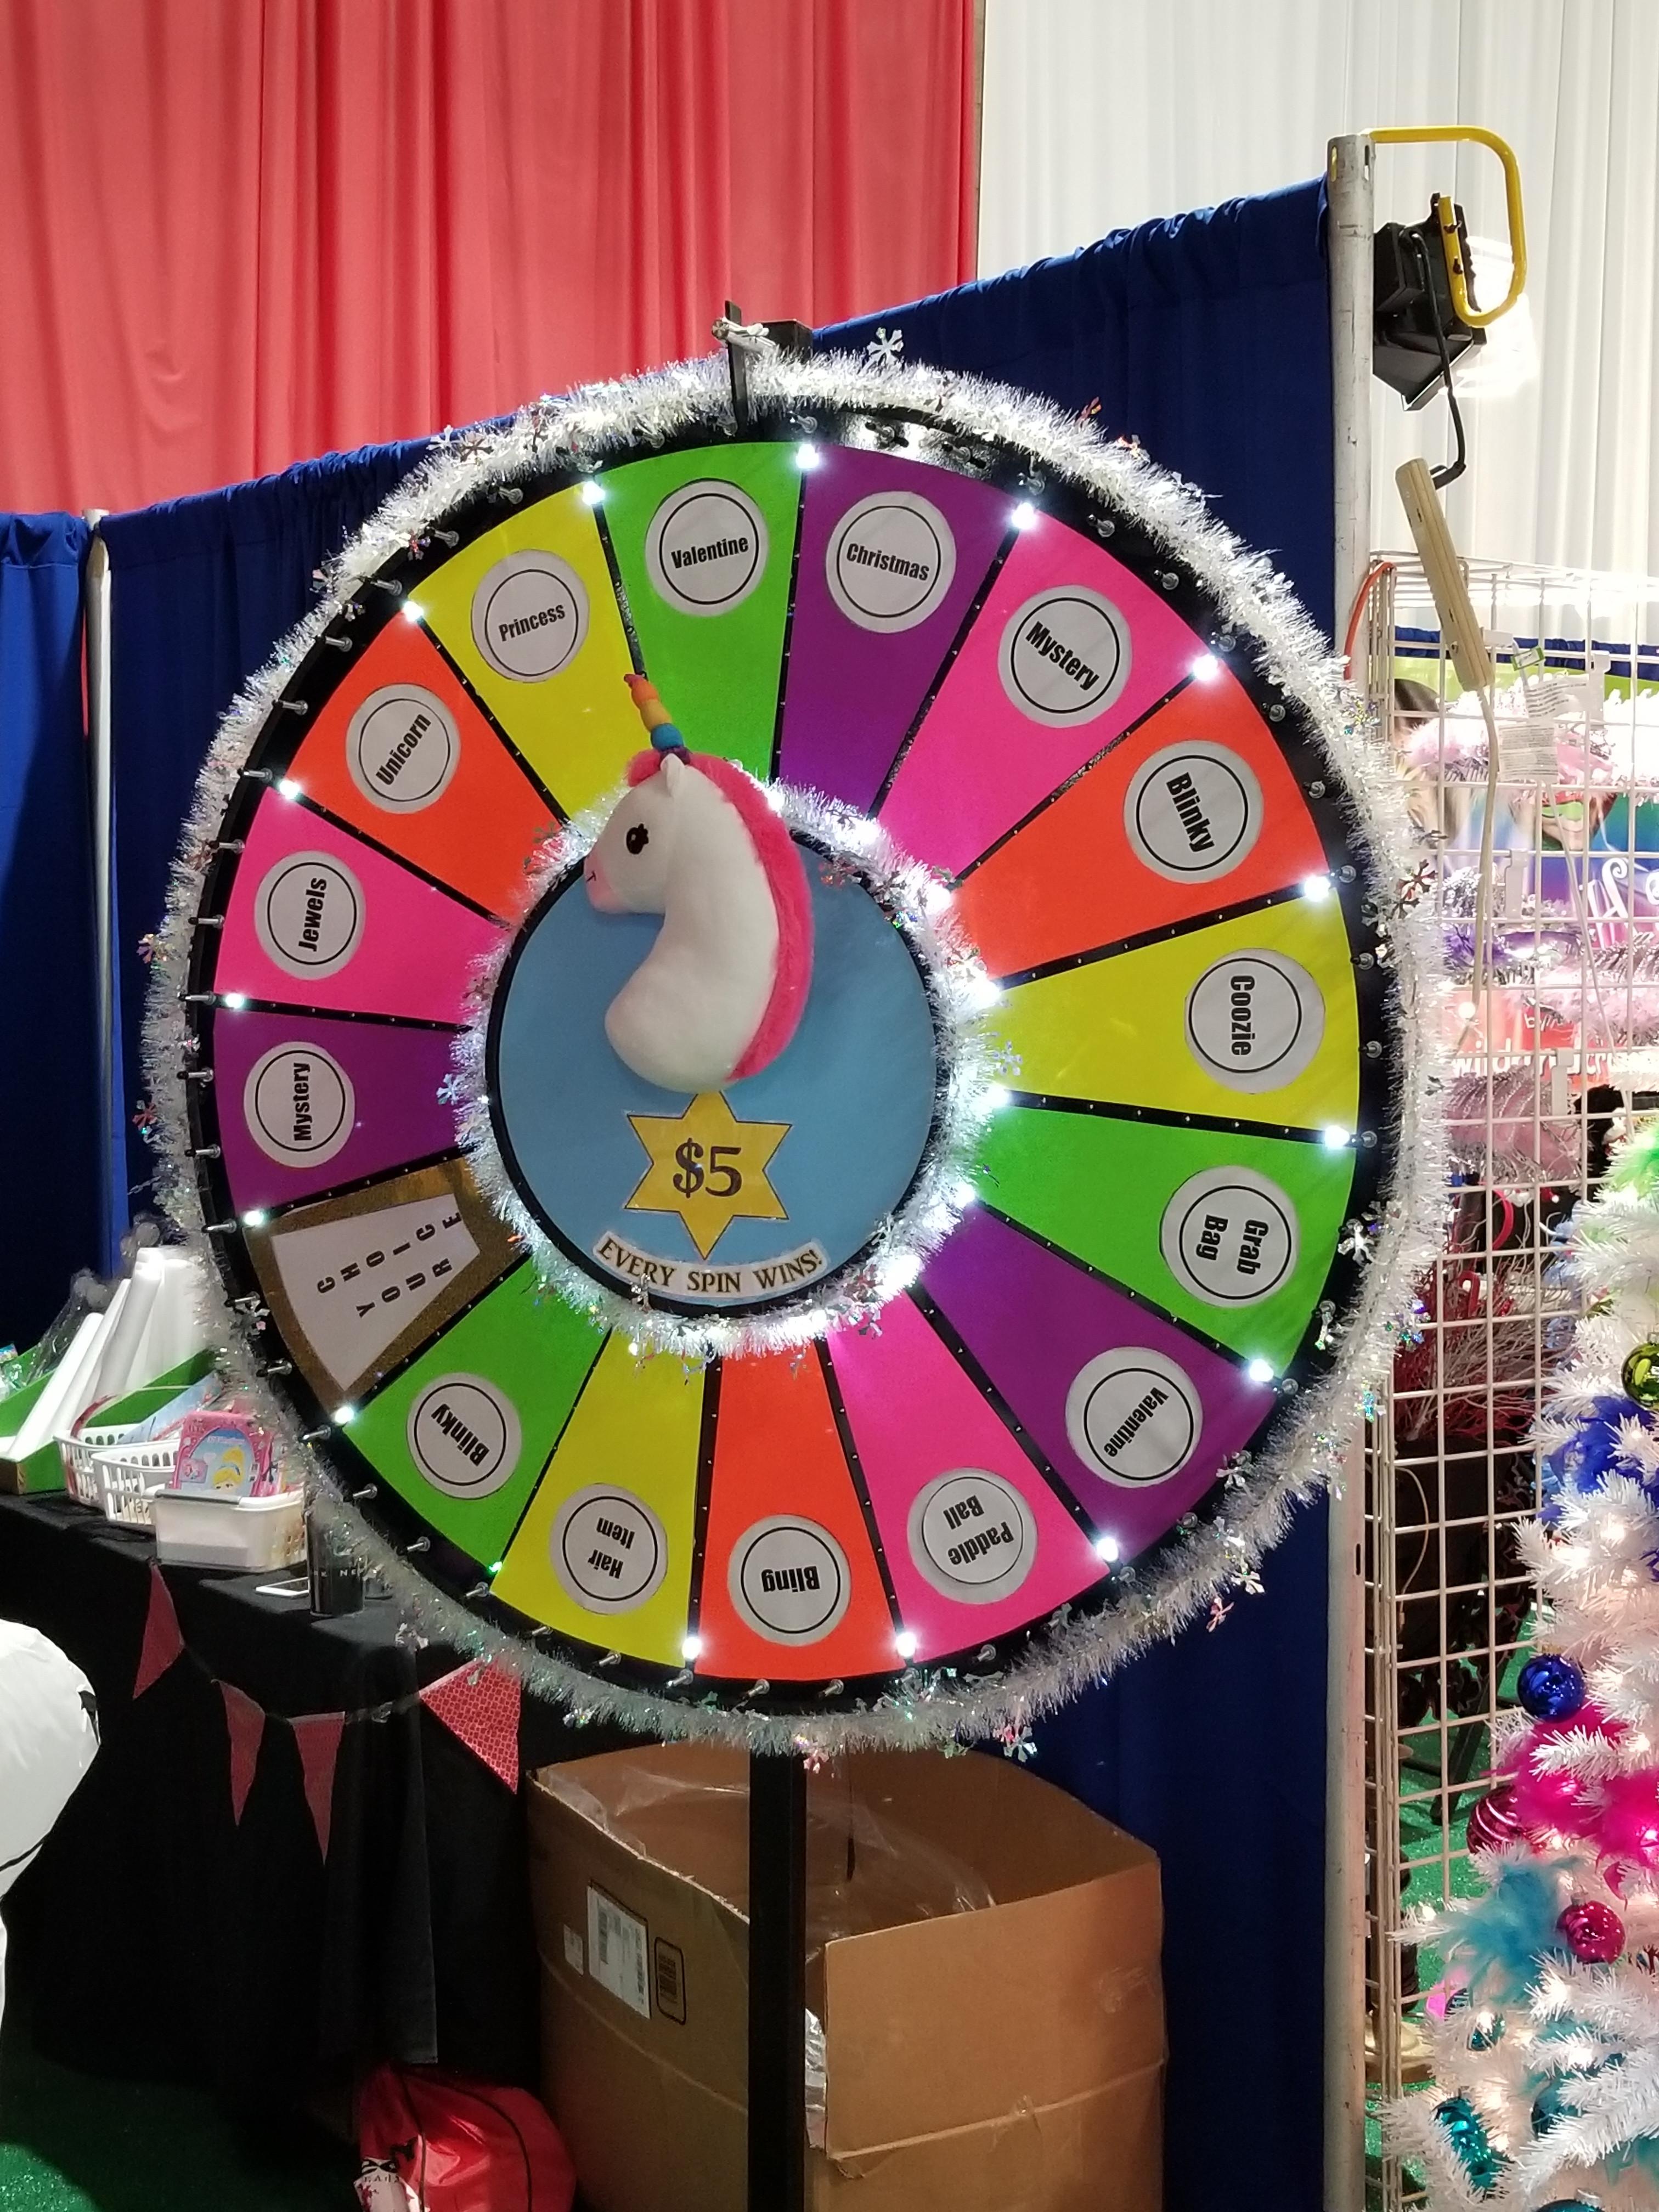 Spinning Wheel Rental